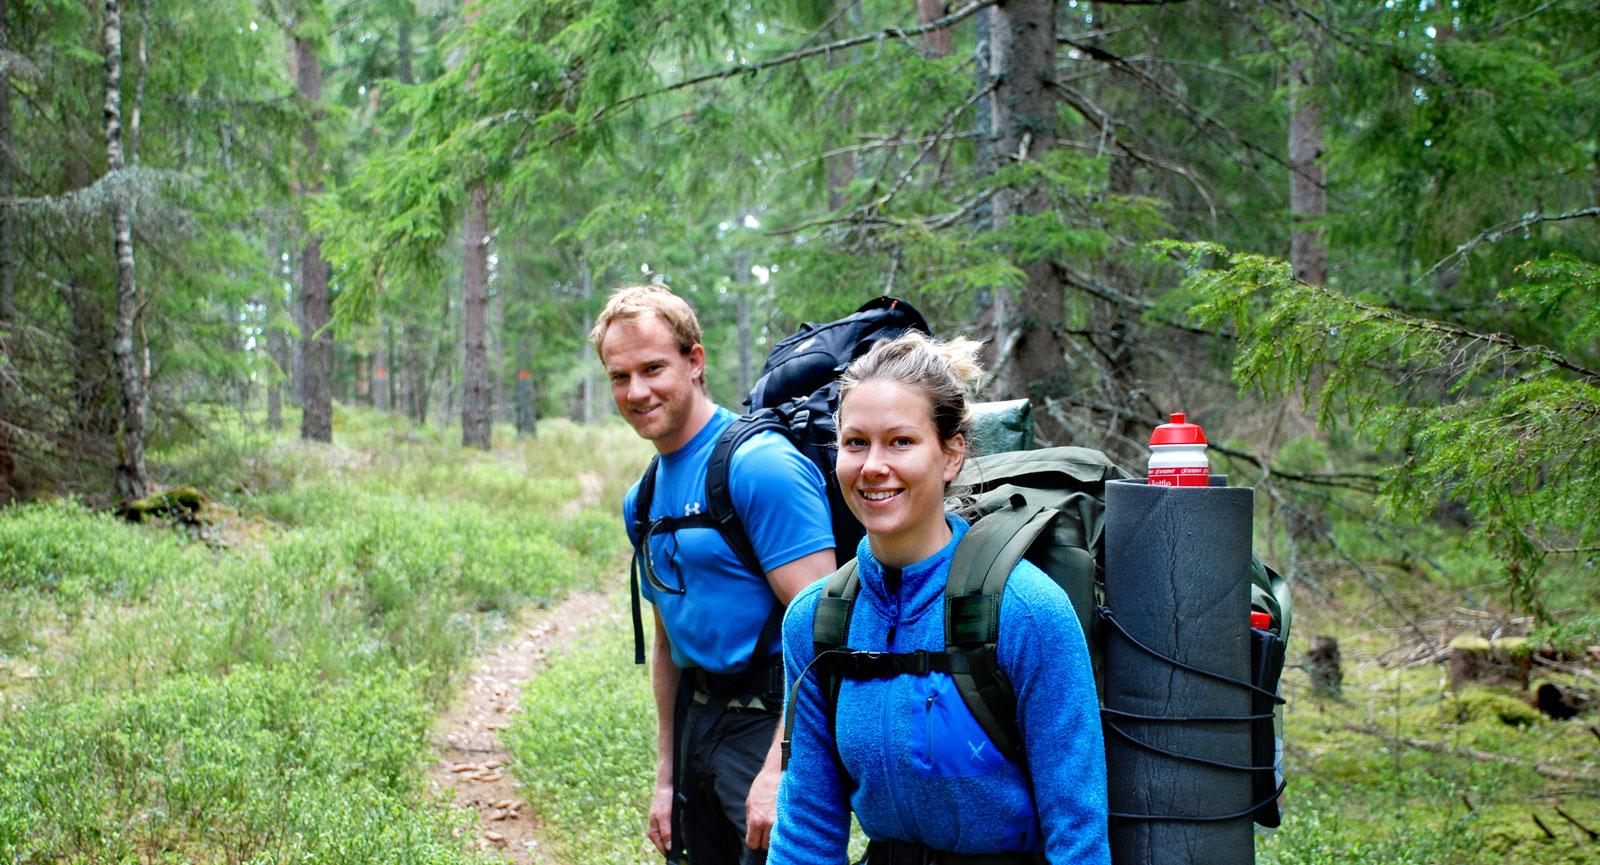 Stigfinnarna Joacim och Karin samt Niclas vandrar. Vandring är en perfekt aktivitet att kombinera med fritidsfordonet som basläger.